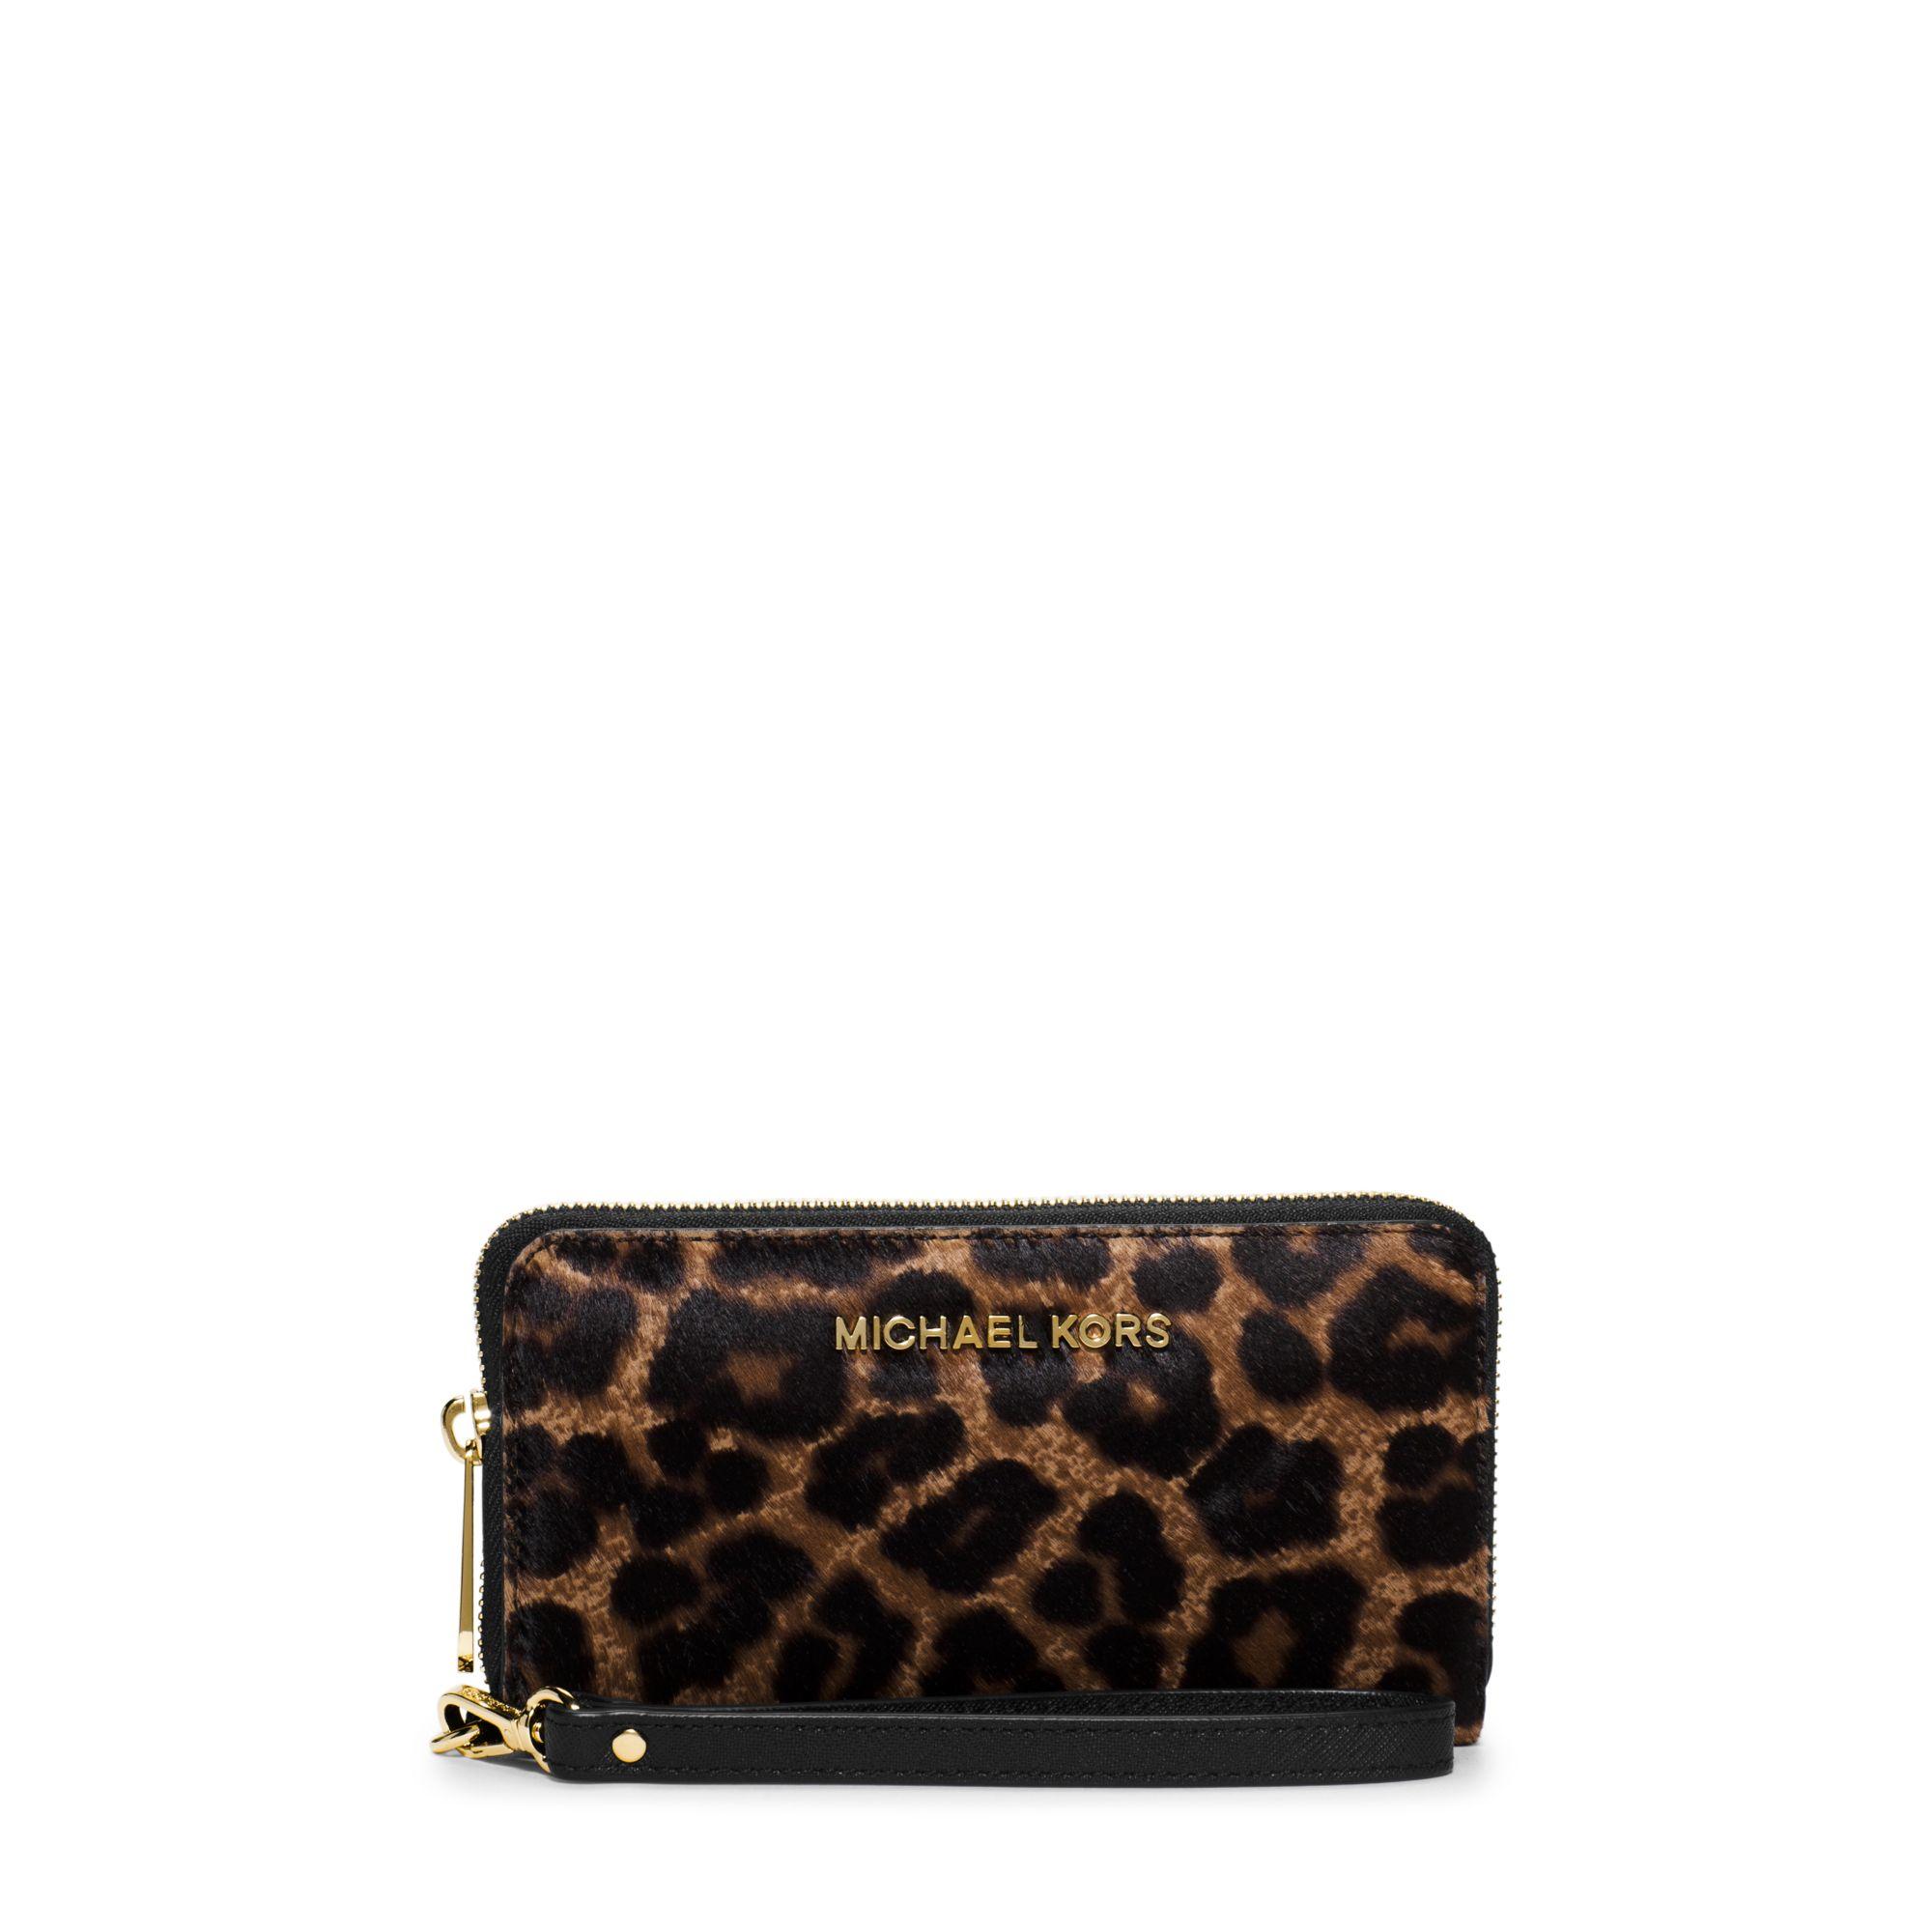 0ffaada39f57 ... Handbag Shoulder Strap Evening Designer Michael kors Jet Set Travel  Large Leopard Calf Hair Smartpho ...